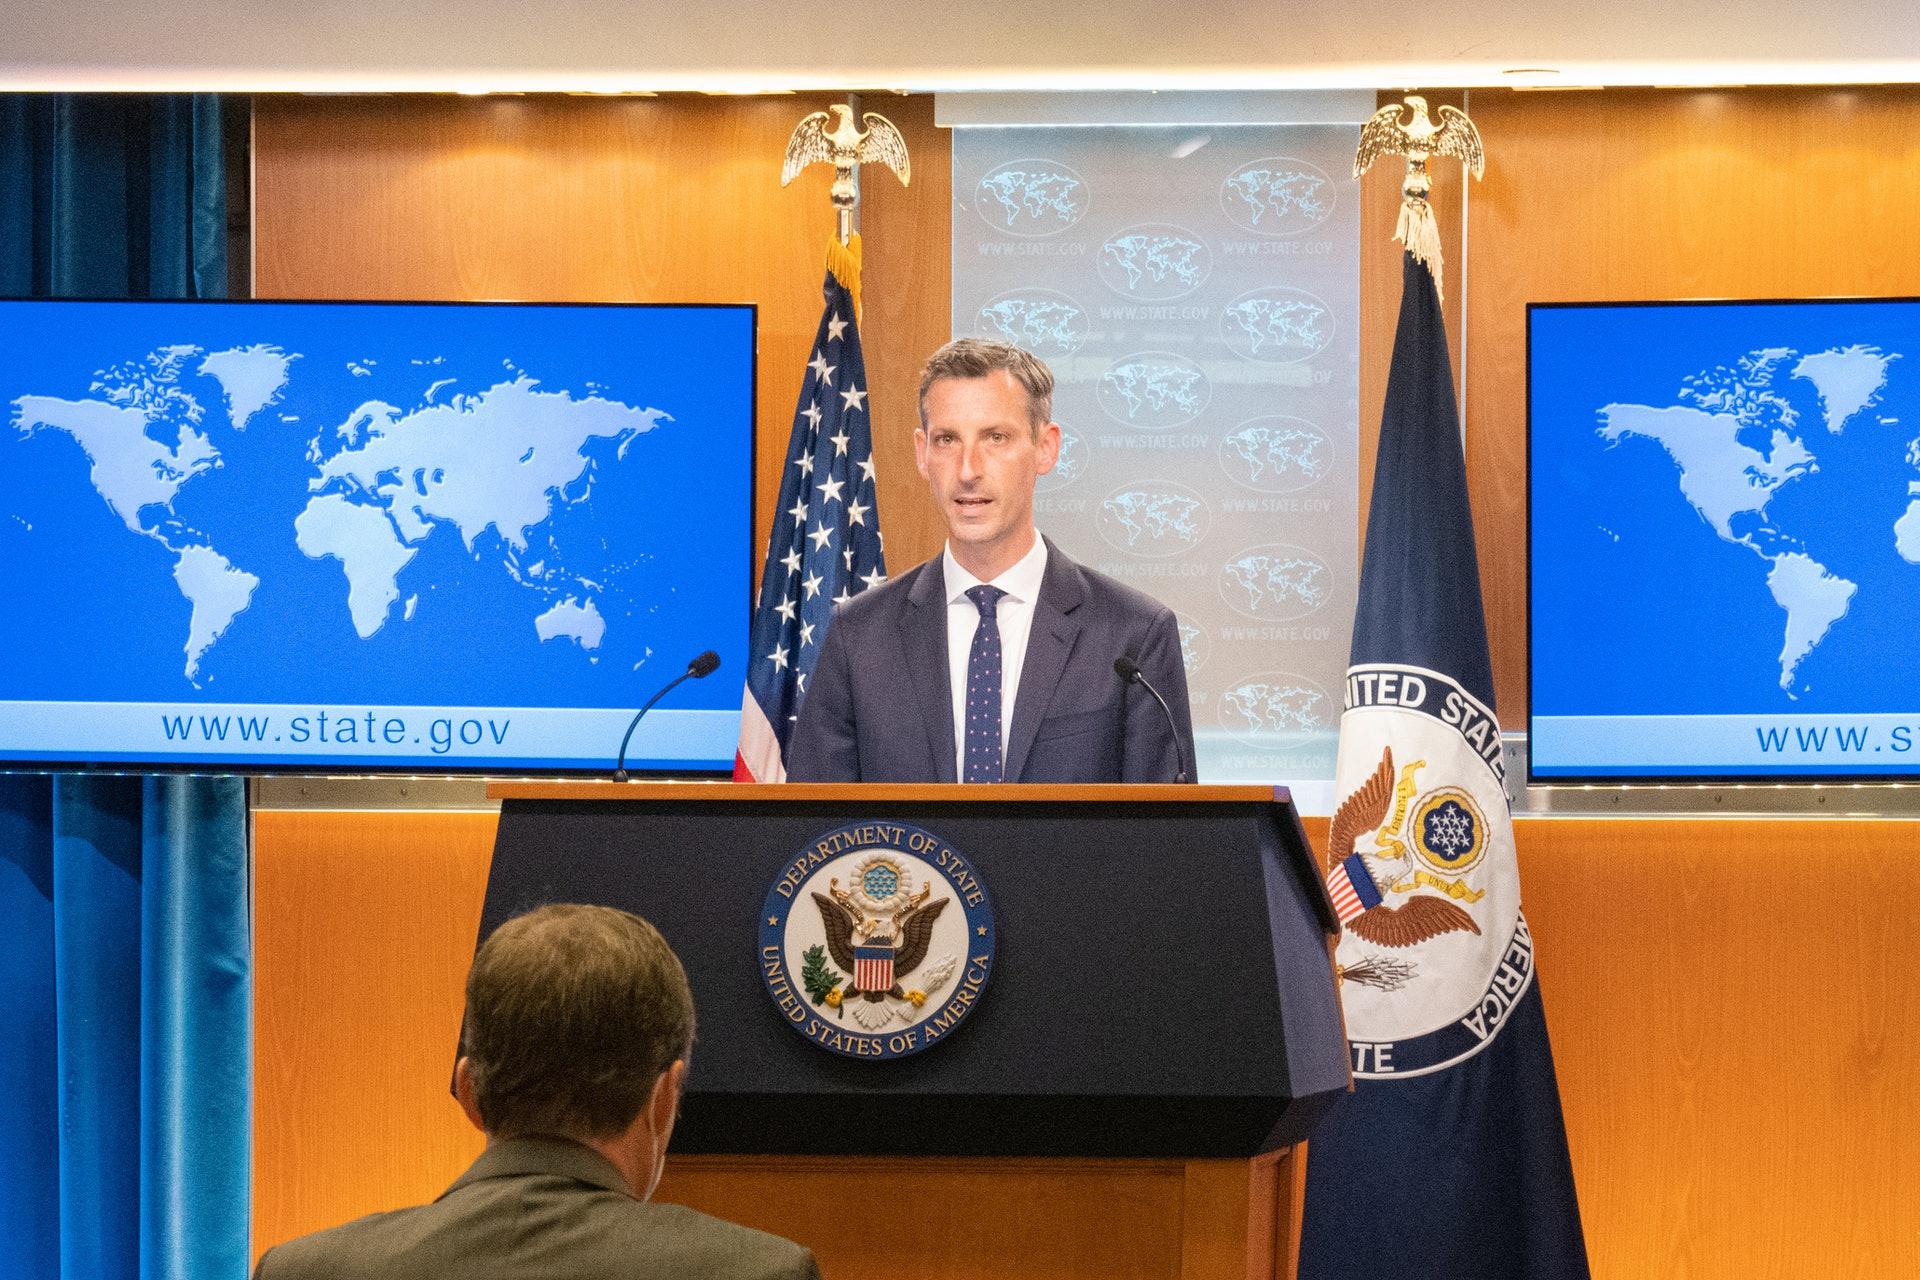 2021年4月7日,美國國務院發言人普萊斯強調美國對台承諾「堅若磐石」。 (中央社)